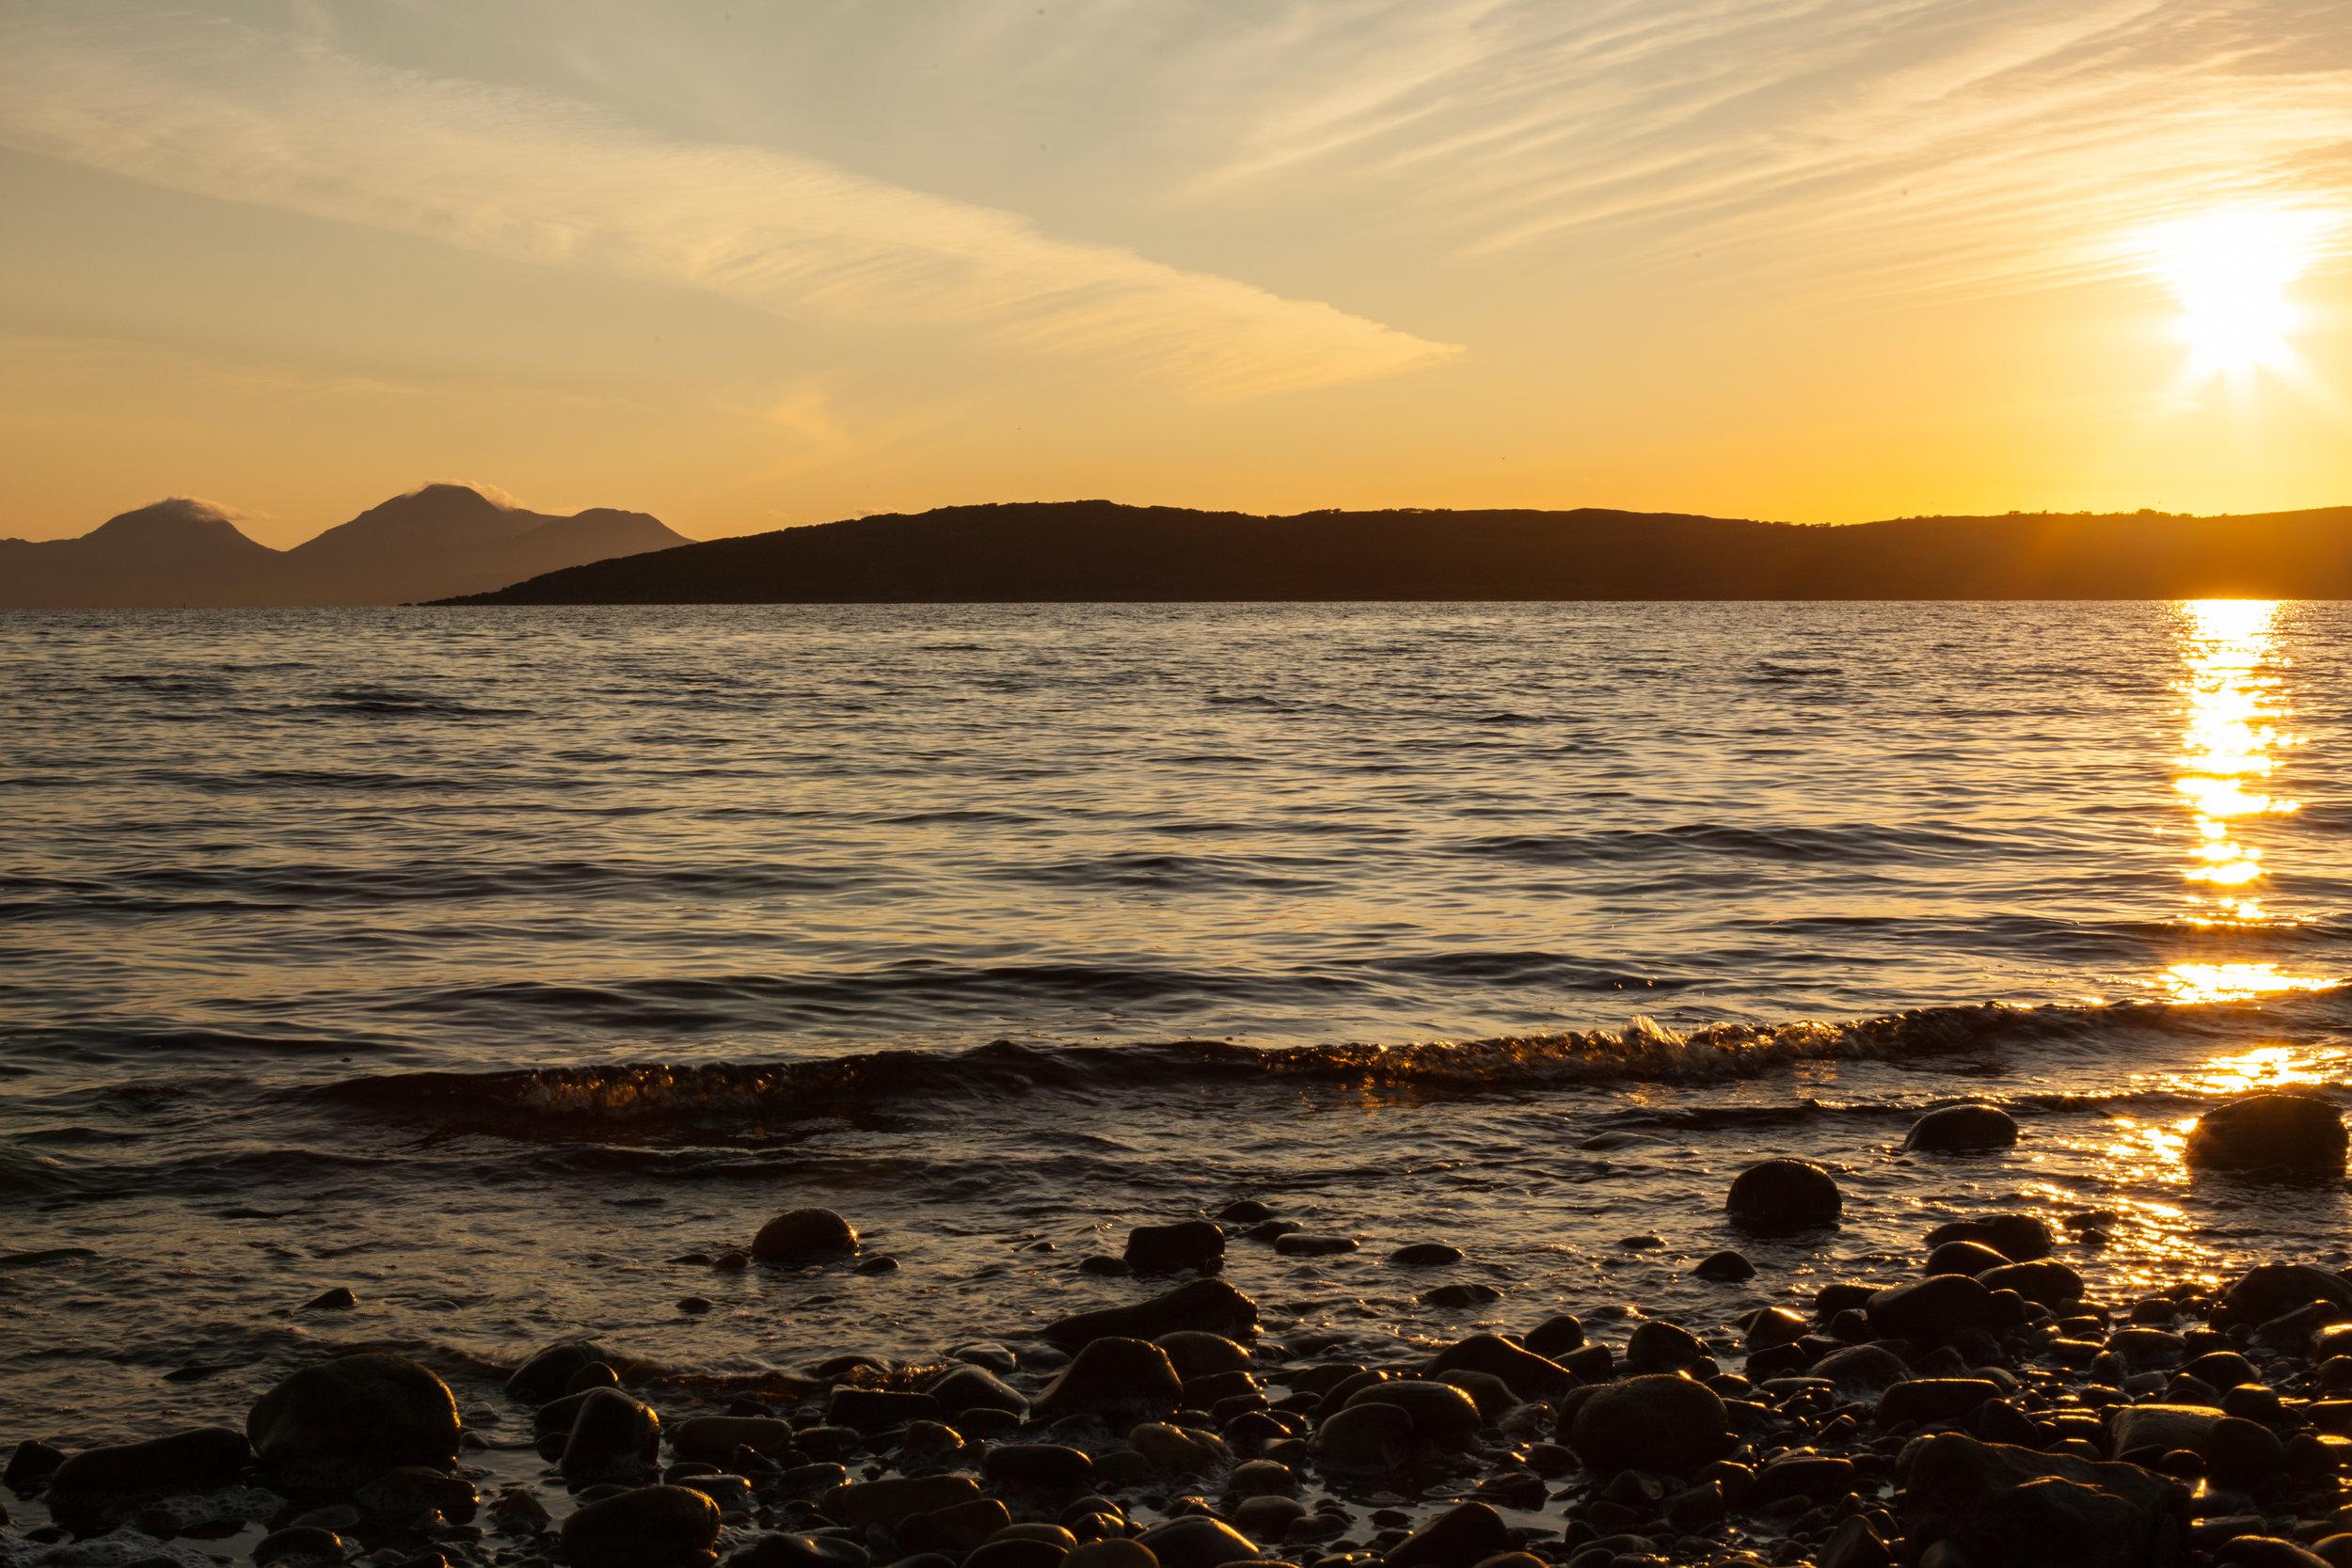 A golden sunset ove a loch in Scotland.